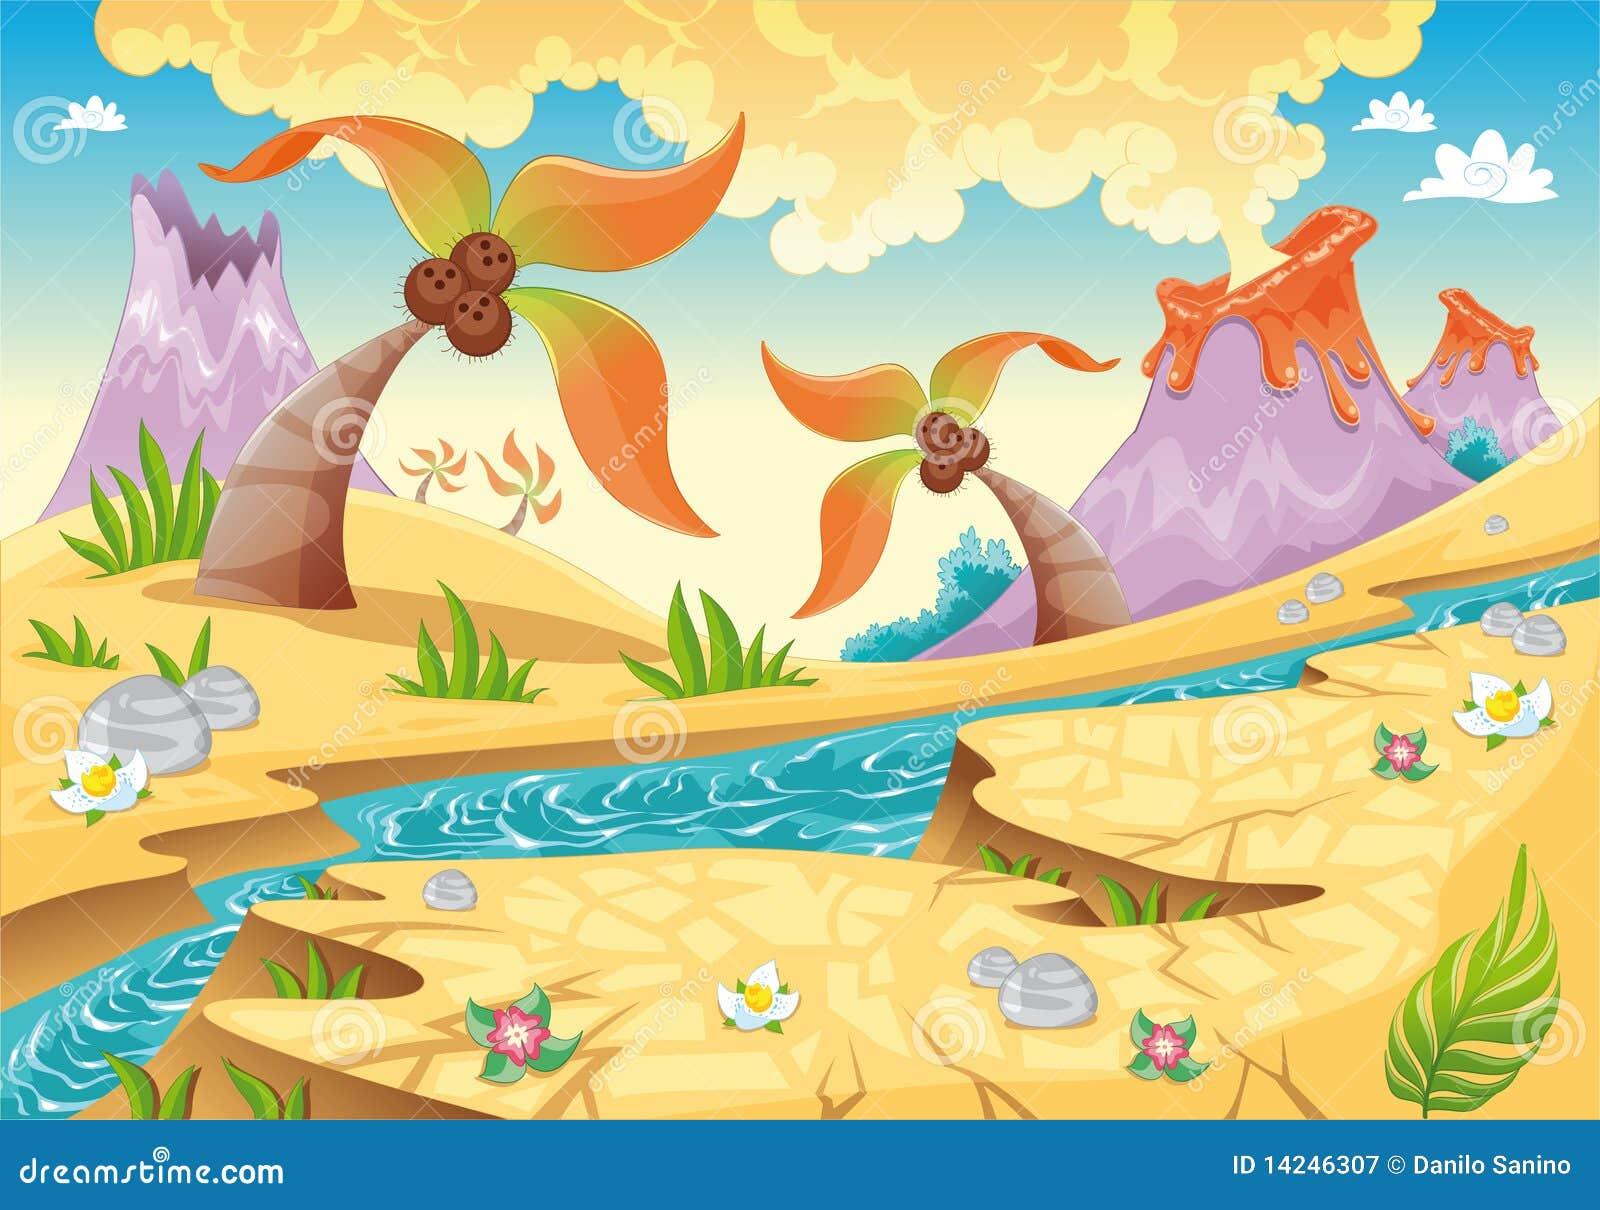 Hintergrund mit Baumpalmen und -vulkanen.